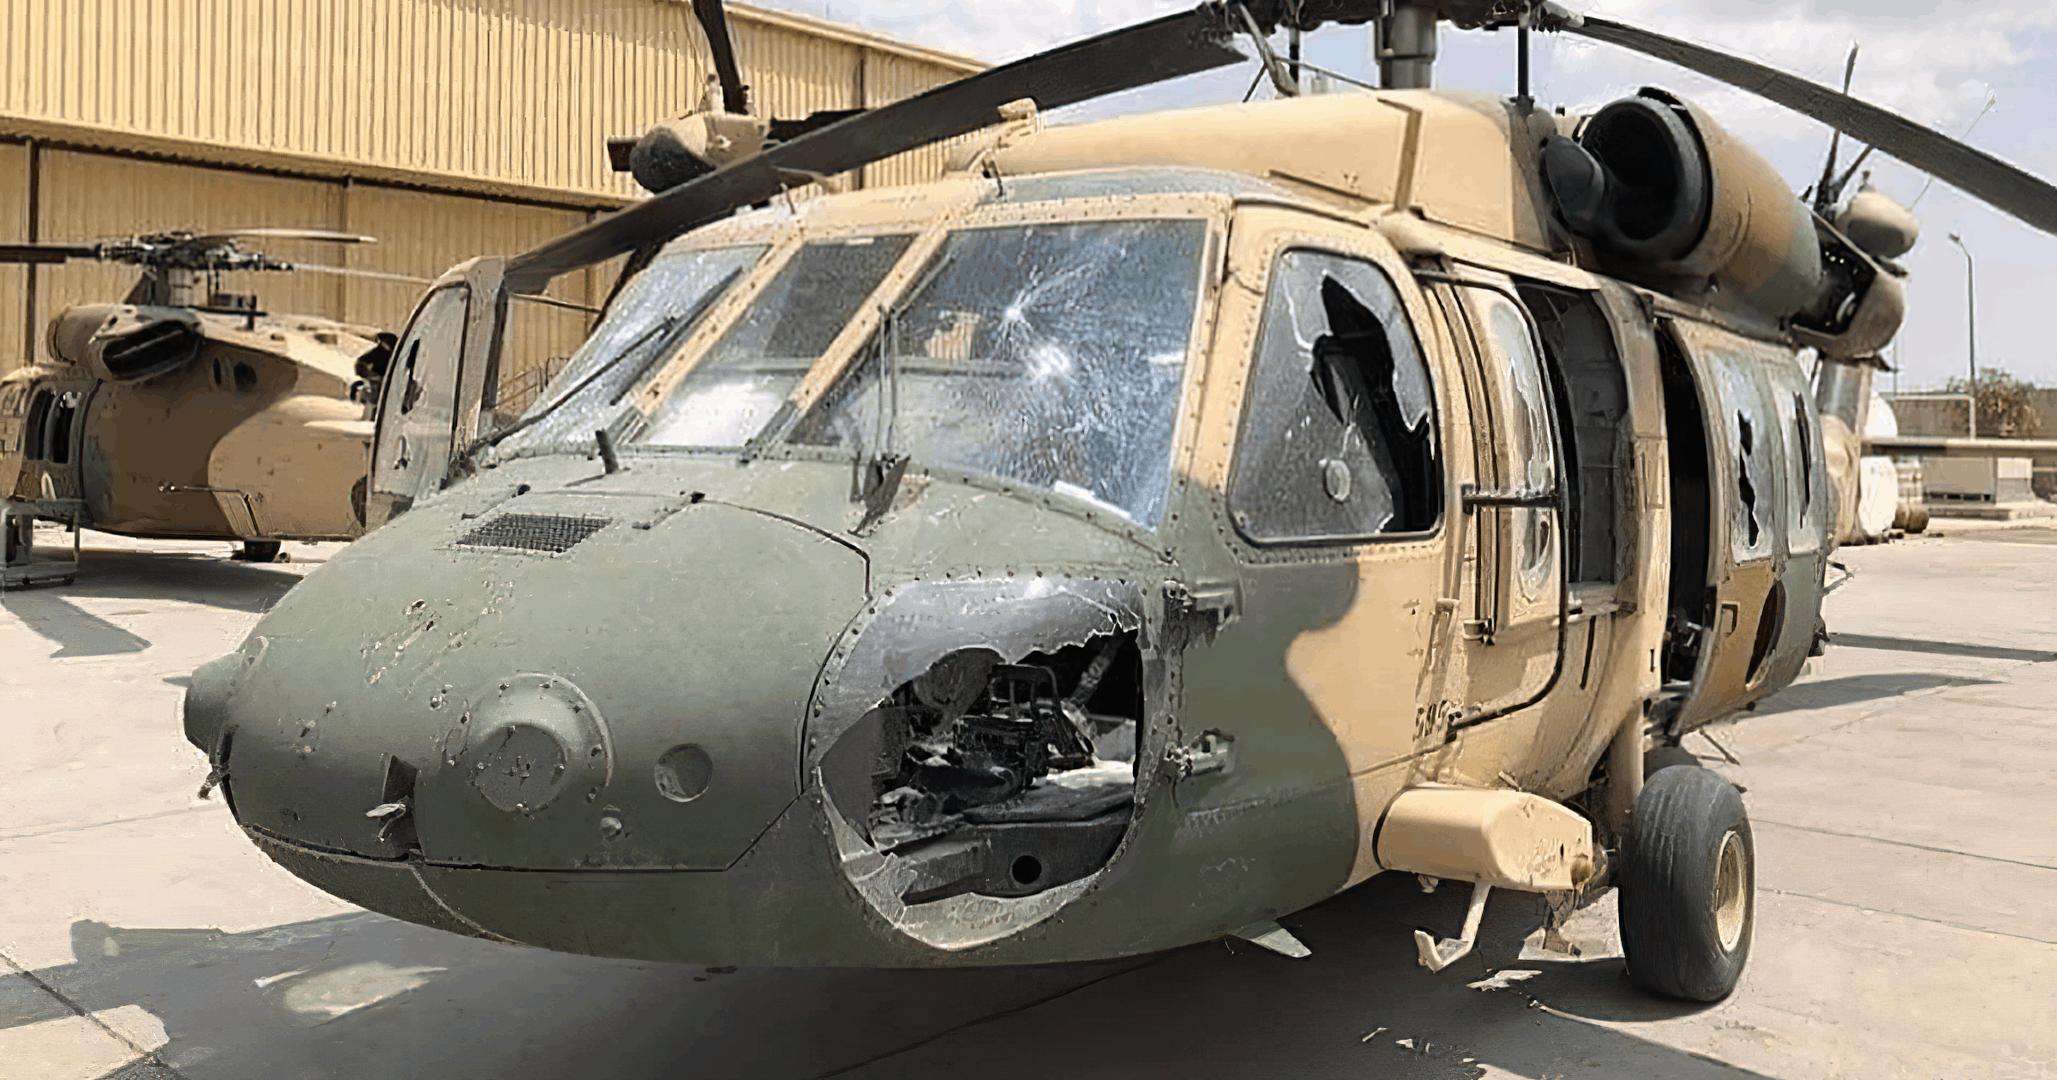 Виведена з ладу техніка в аеропорті Кабула. Серпень 2021